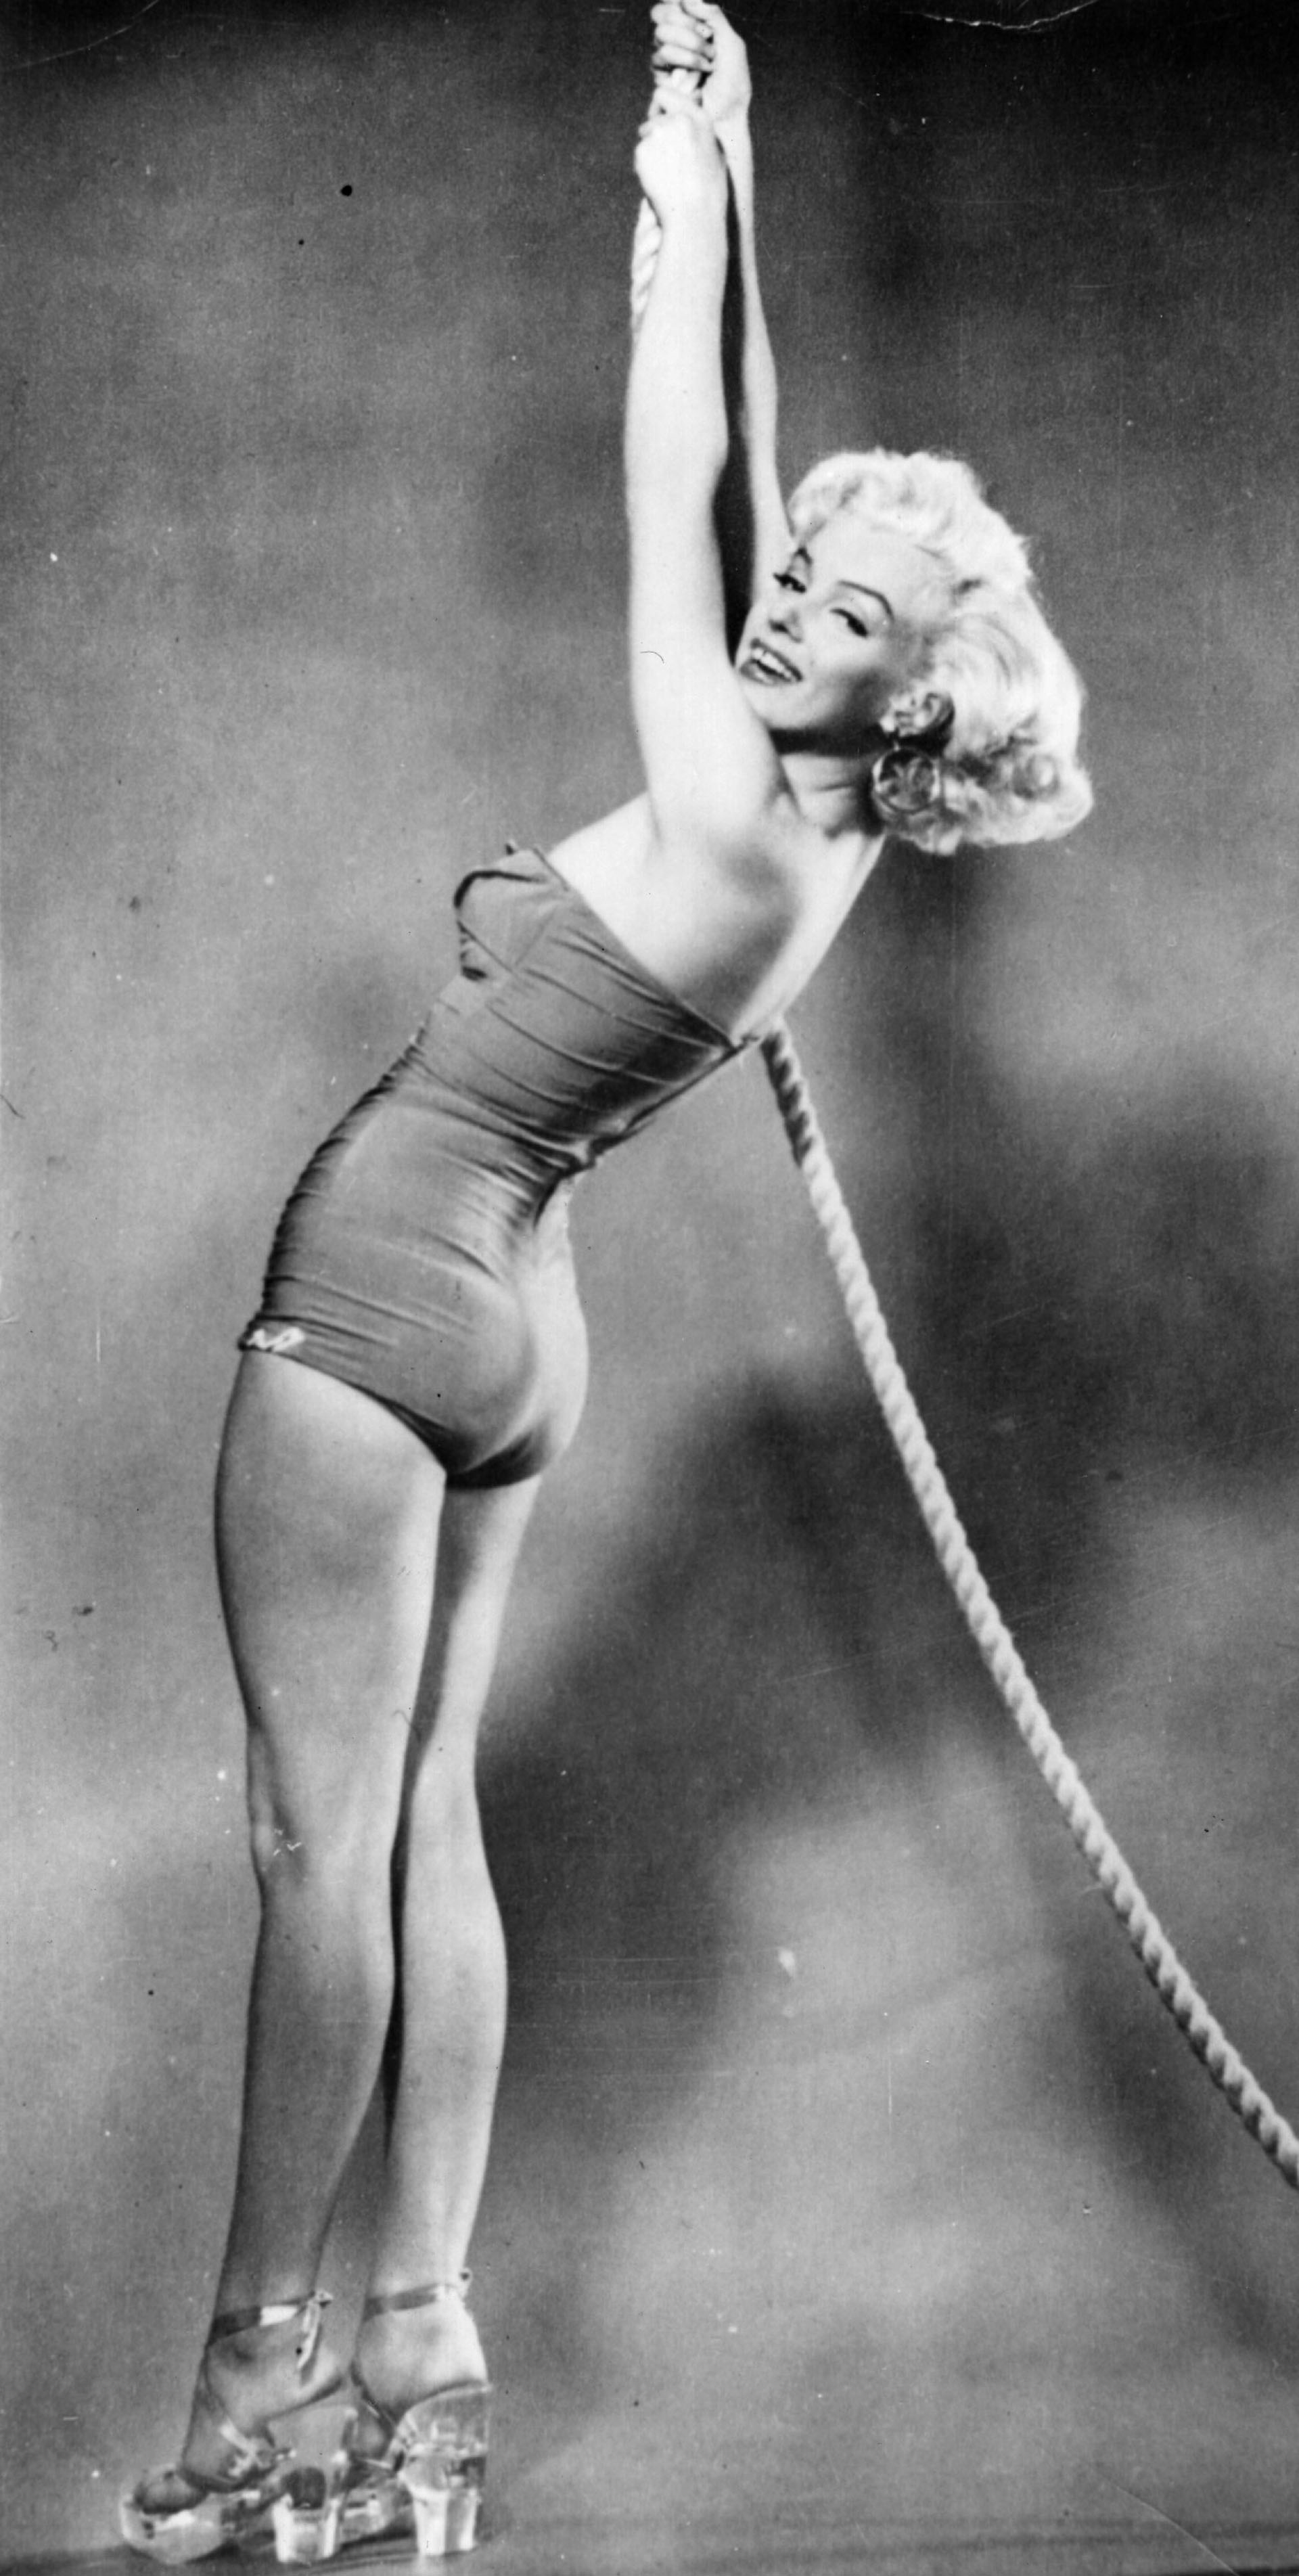 Fue una de las mujeres más fotografiadas de su época, figura de las más prestigiosas campañas (Hulton Archive/Getty Images)